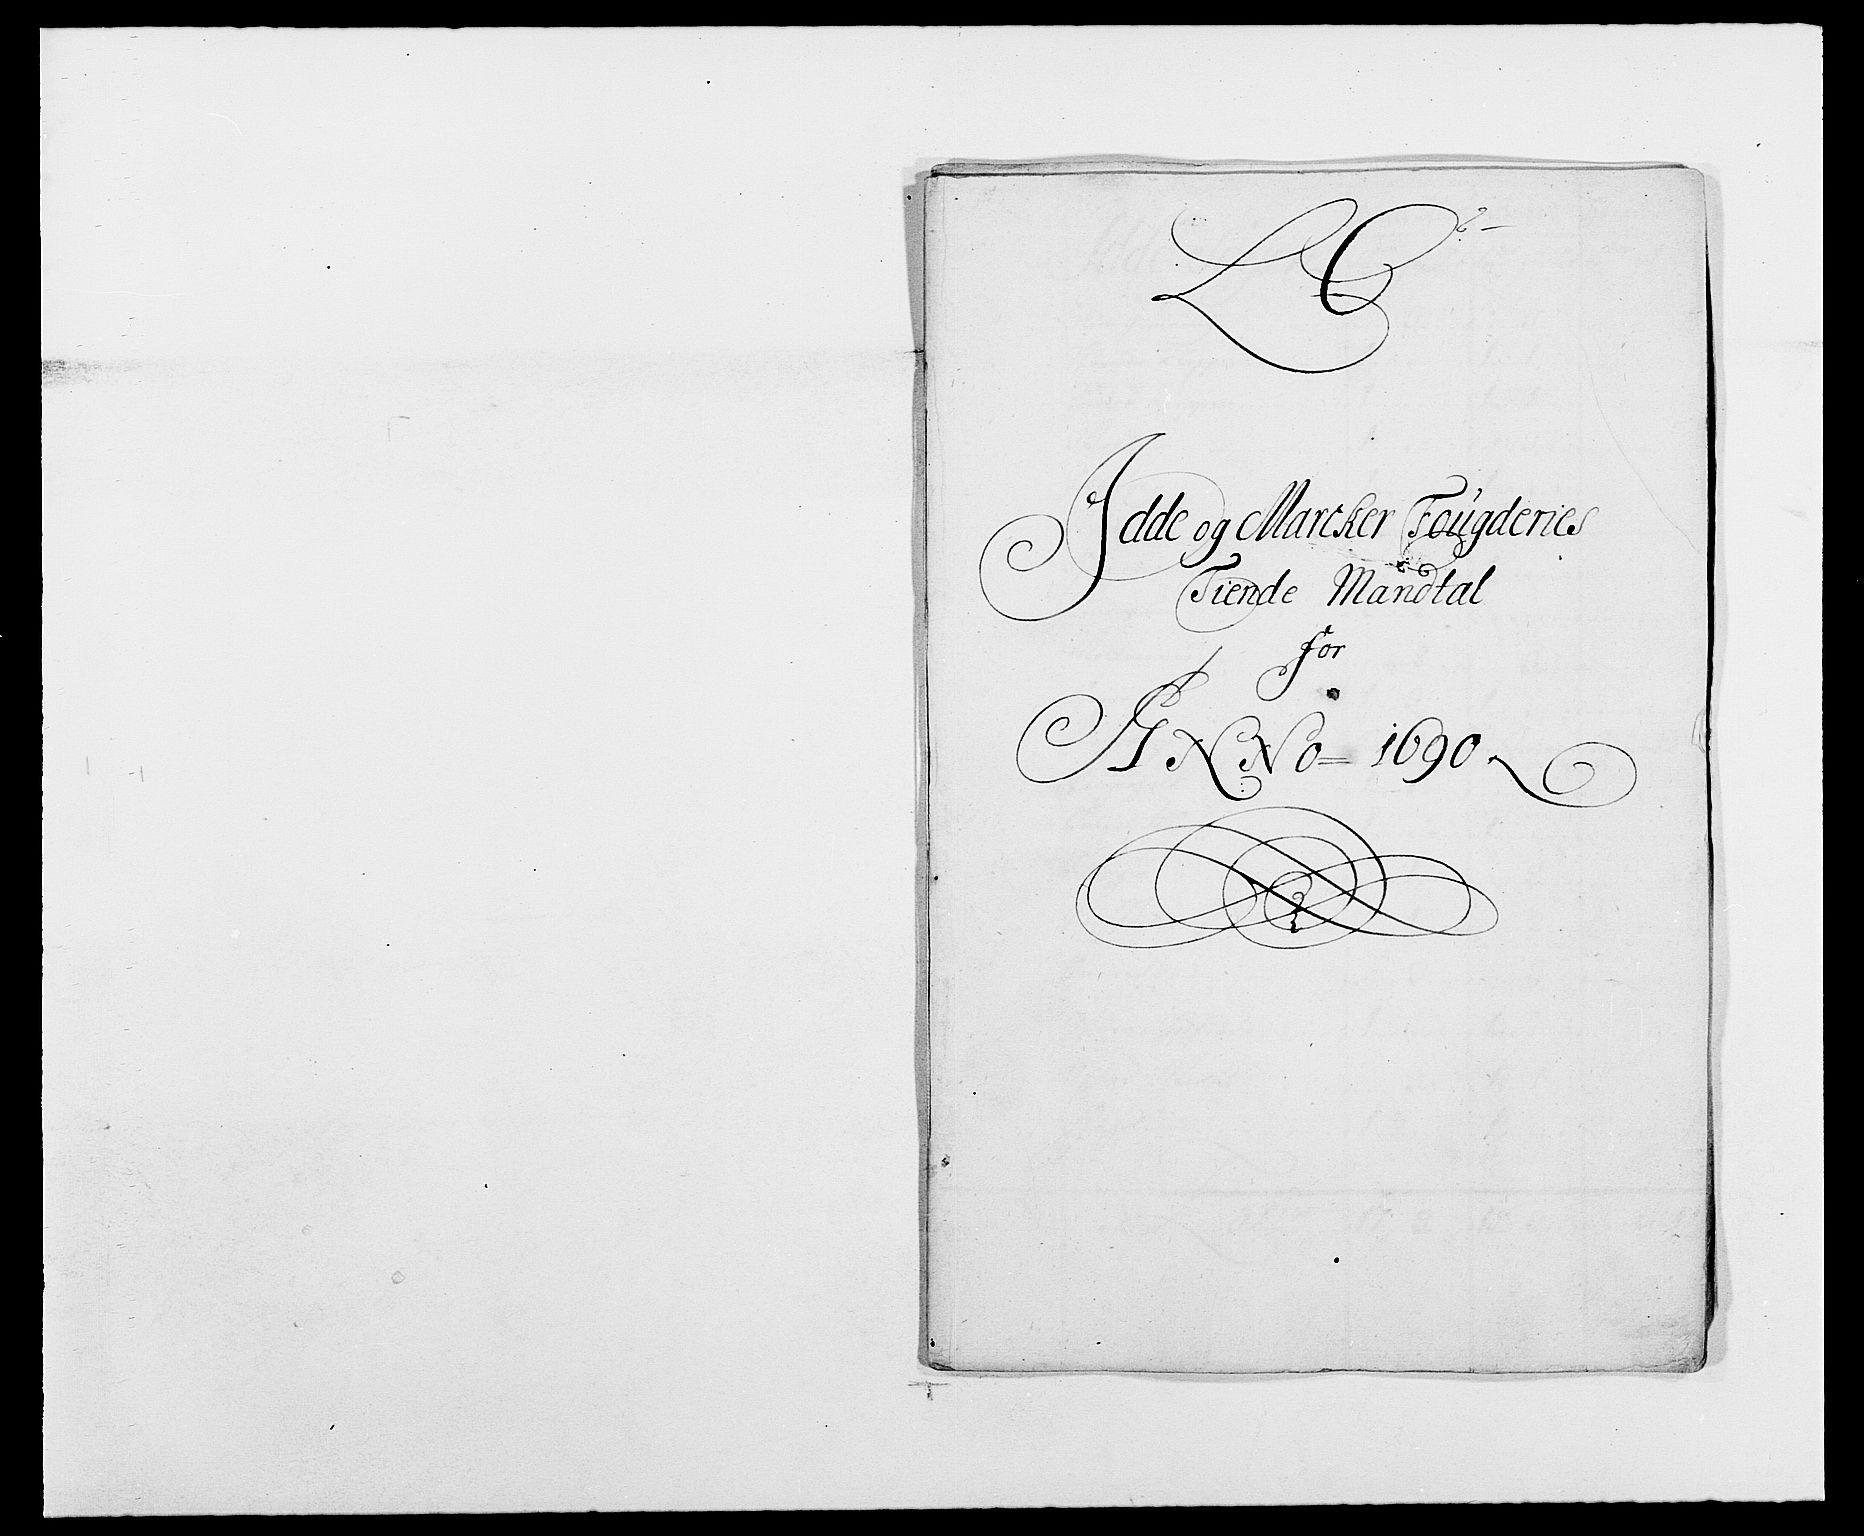 RA, Rentekammeret inntil 1814, Reviderte regnskaper, Fogderegnskap, R01/L0010: Fogderegnskap Idd og Marker, 1690-1691, p. 185